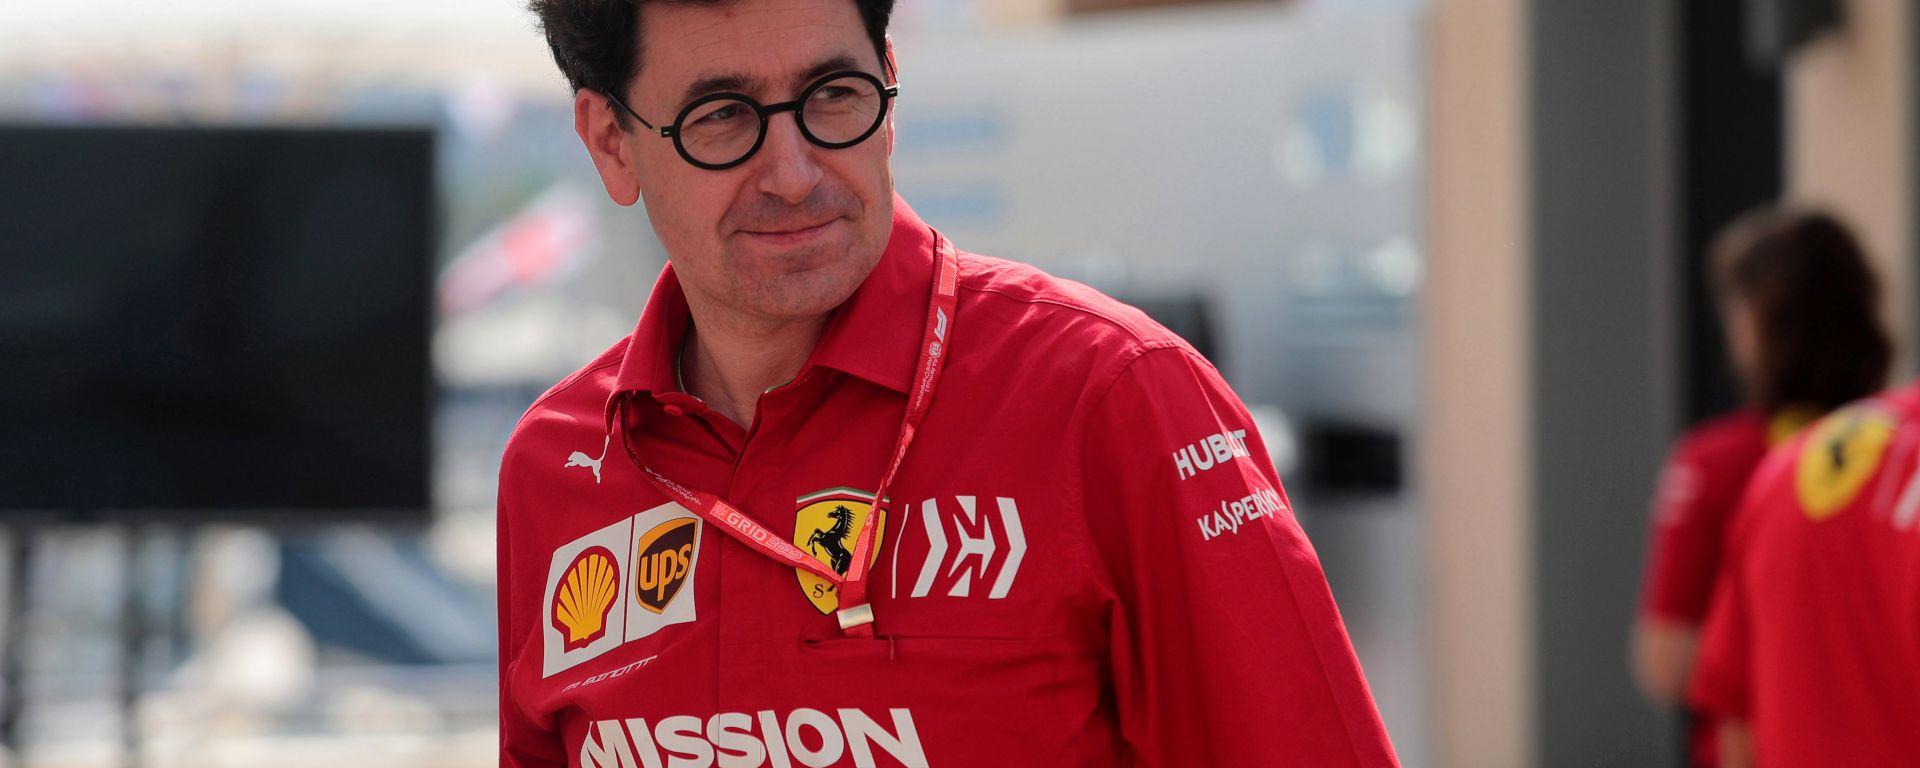 Il team principal della Scuderia Ferrari, Mattia Binotto